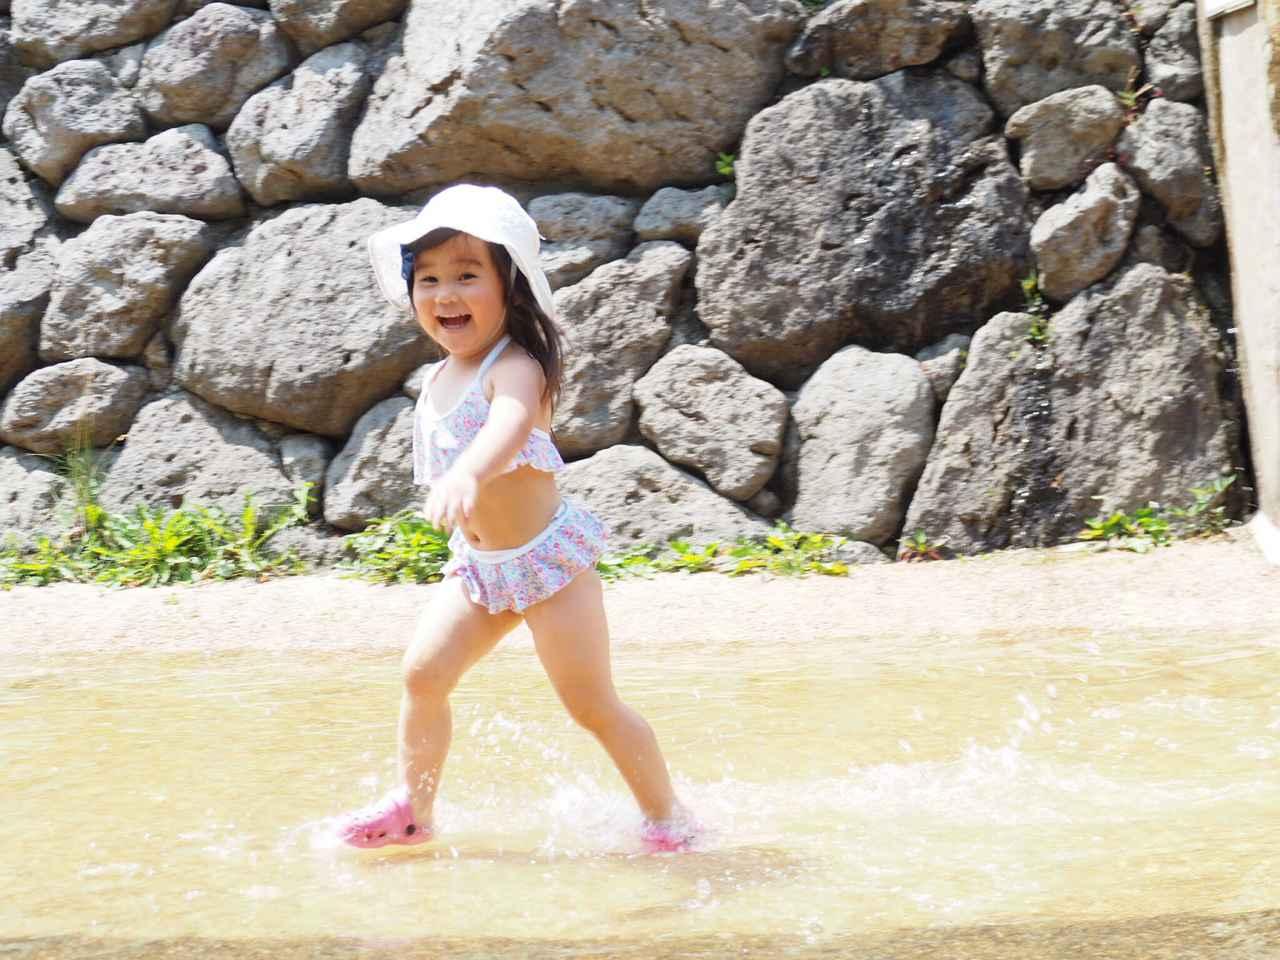 画像: 関東には水遊びにおすすめの公園がいっぱい! 駐車場・トイレ完備の場所なら家族で安心して楽しめる!